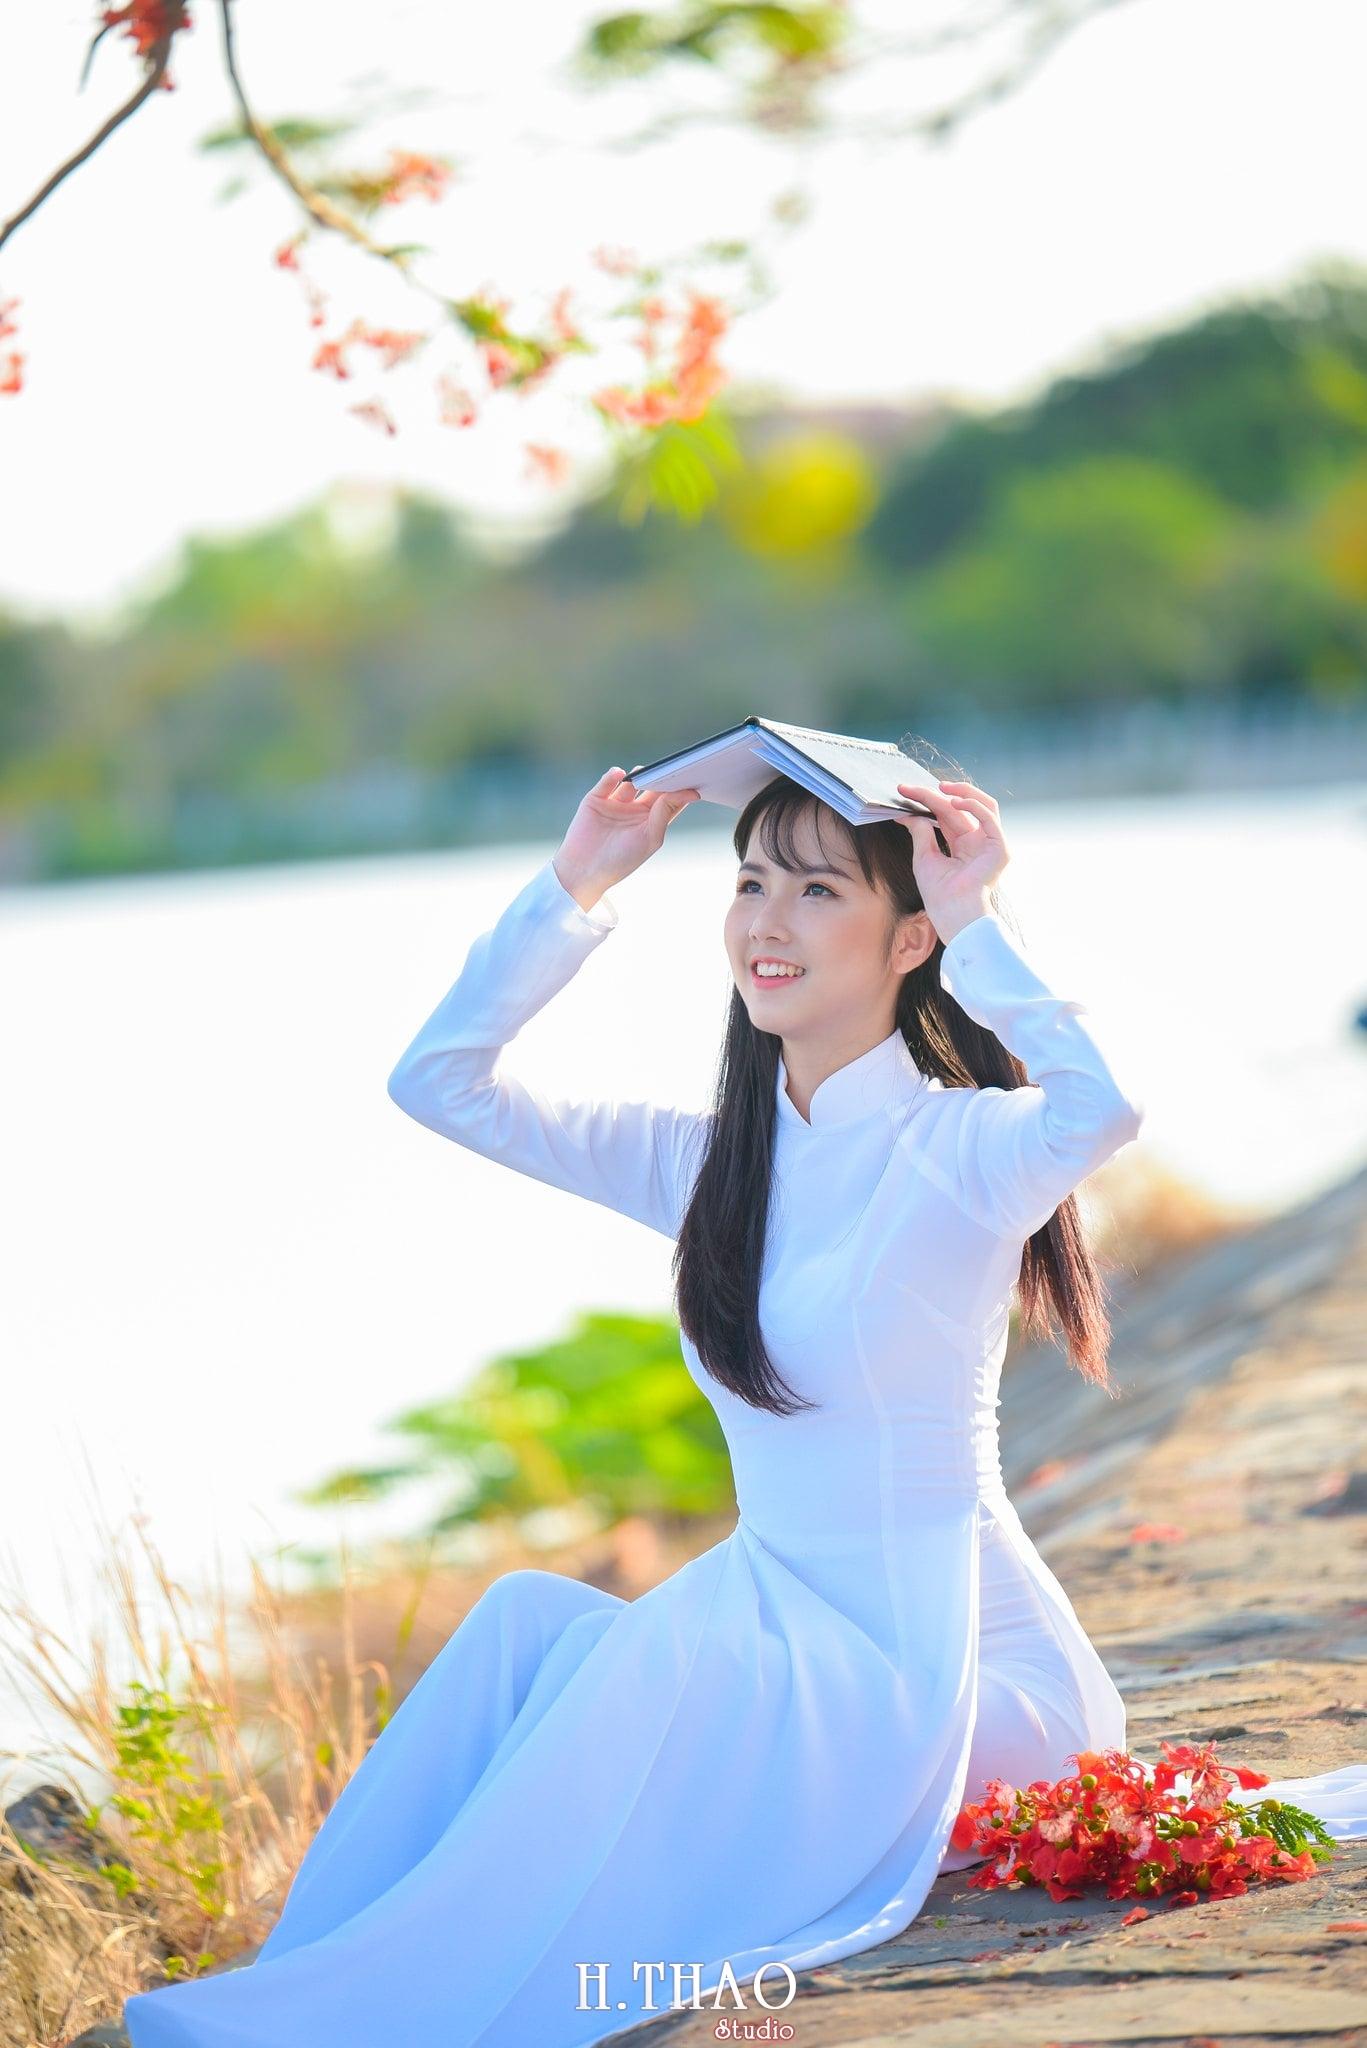 ao dai quan 2 6 - 49 cách tạo dáng chụp ảnh với áo dài tuyệt đẹp - HThao Studio